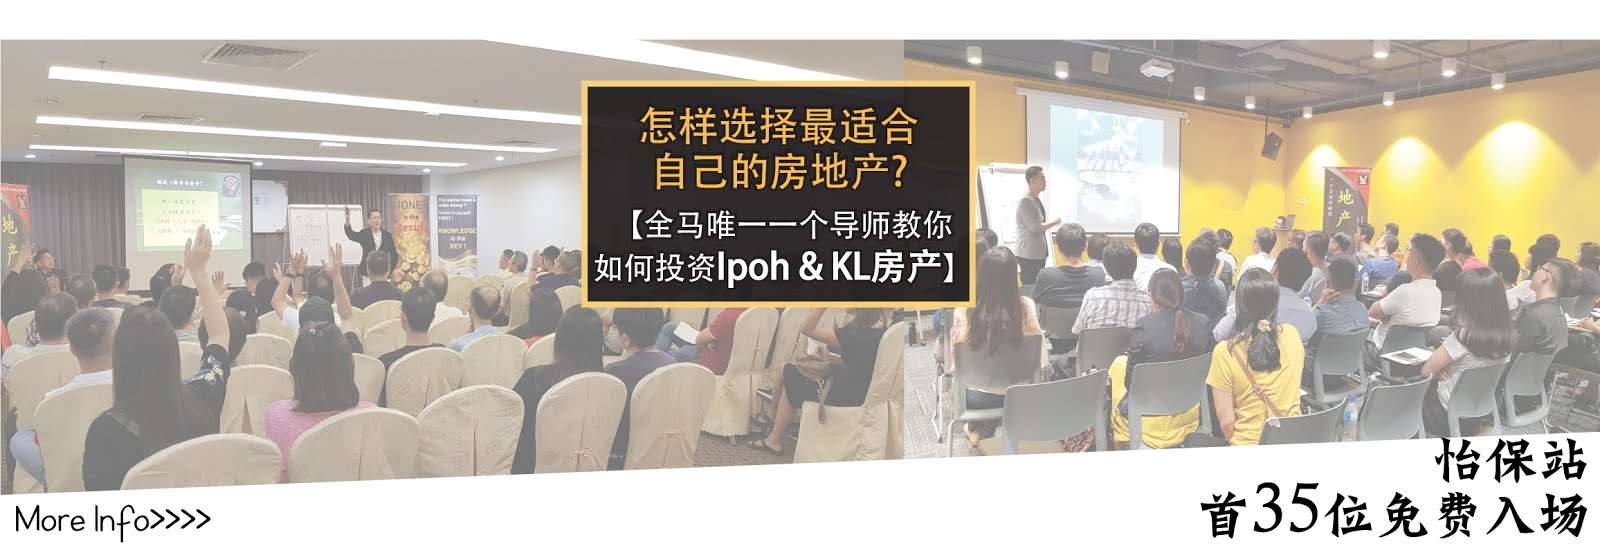 【全马唯一一个导师教你 如何投资 IPOH & KL房地产】